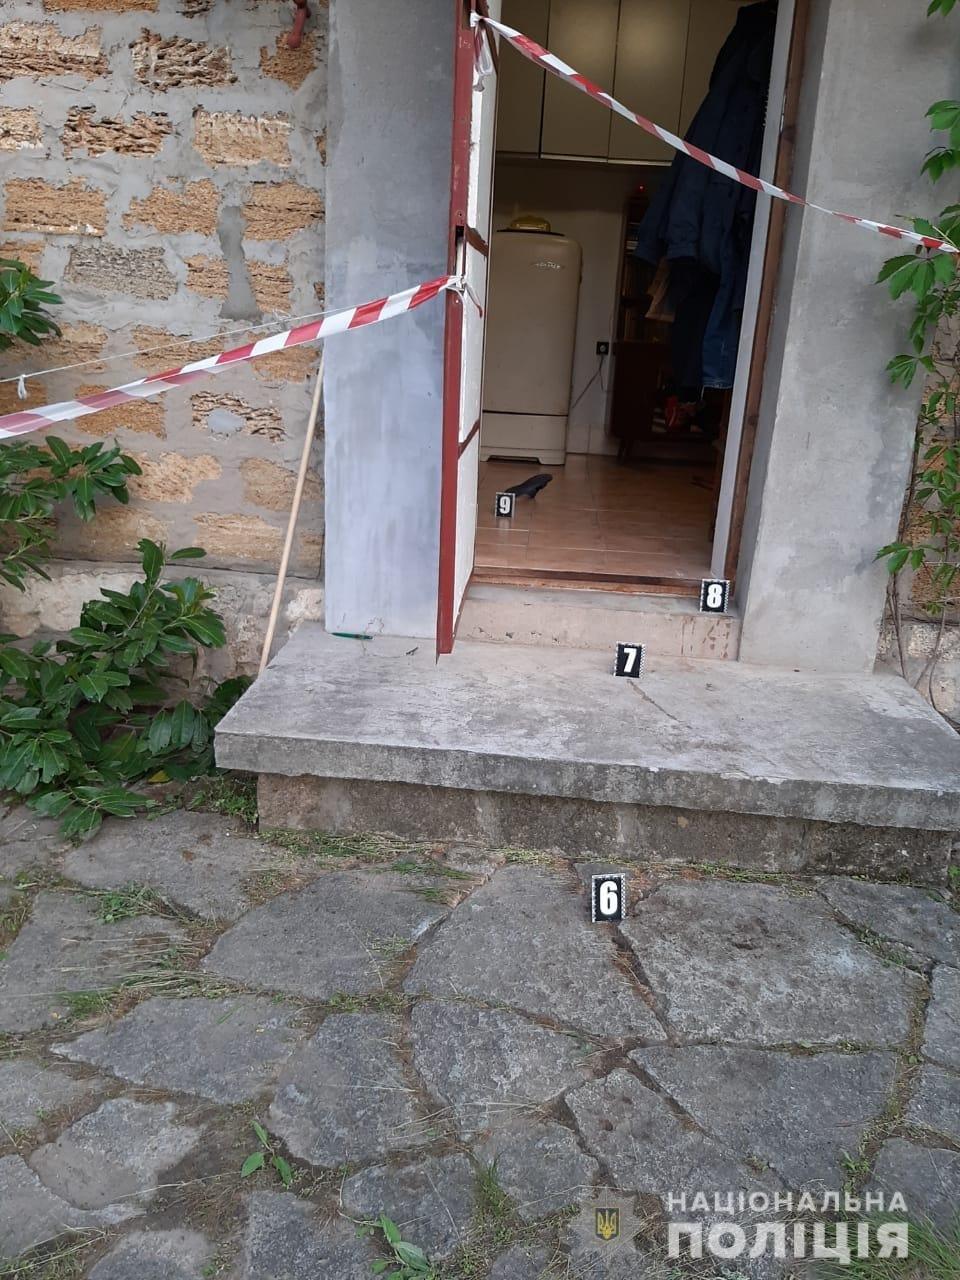 На Николаевщине местного жителя обнаружили закопанным в собственном дворе, - ФОТО, фото-2